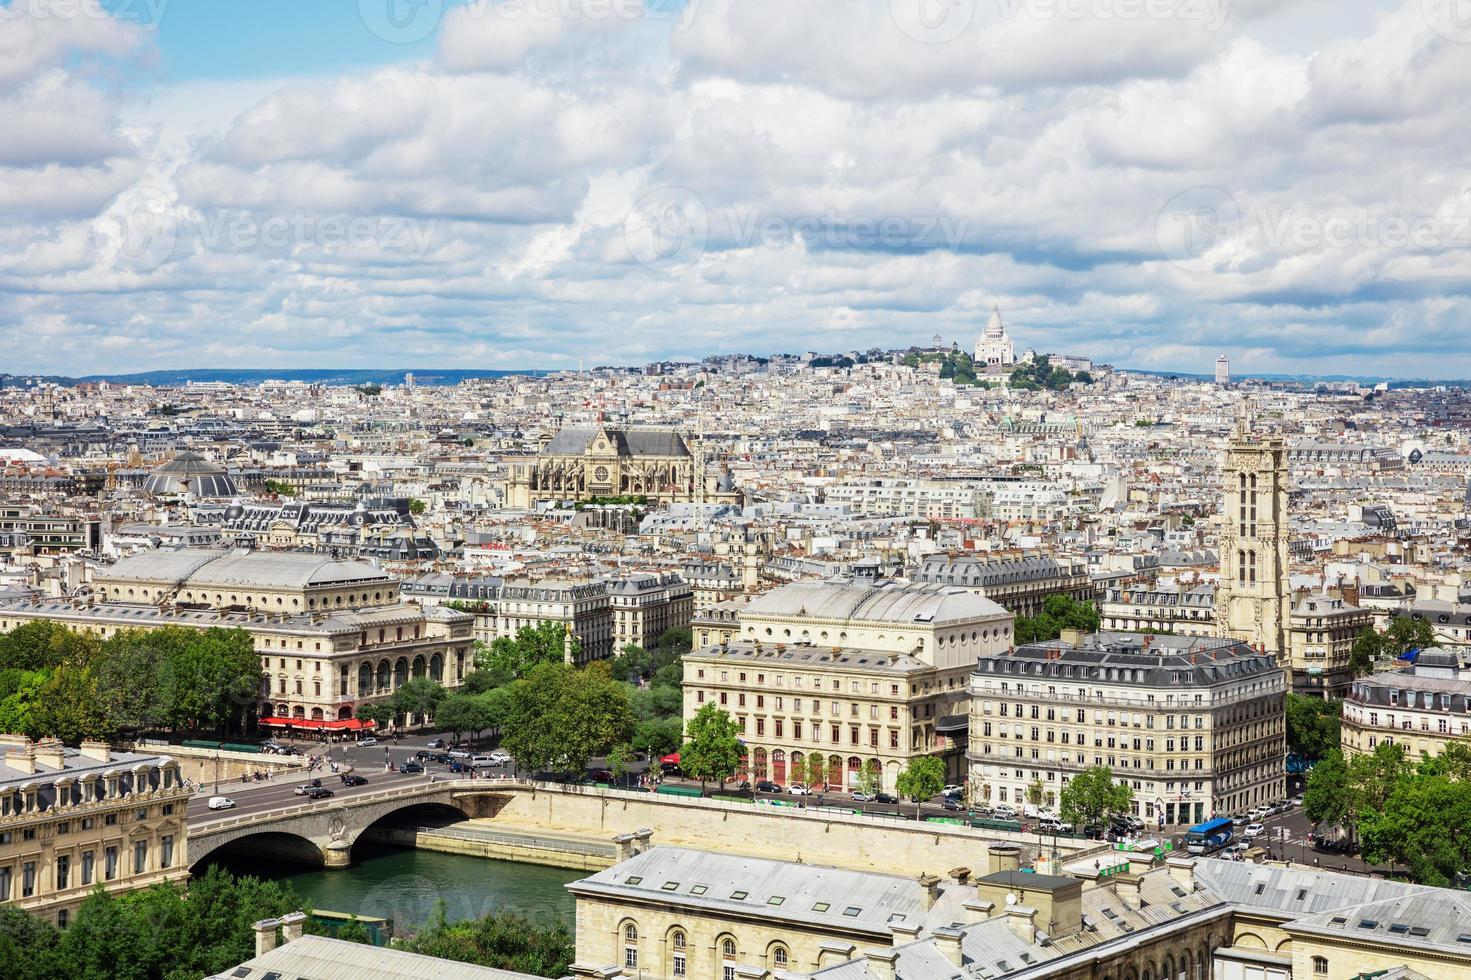 Vista panoramica di Parigi dalla cattedrale di Notre Dame a Parigi, Francia foto